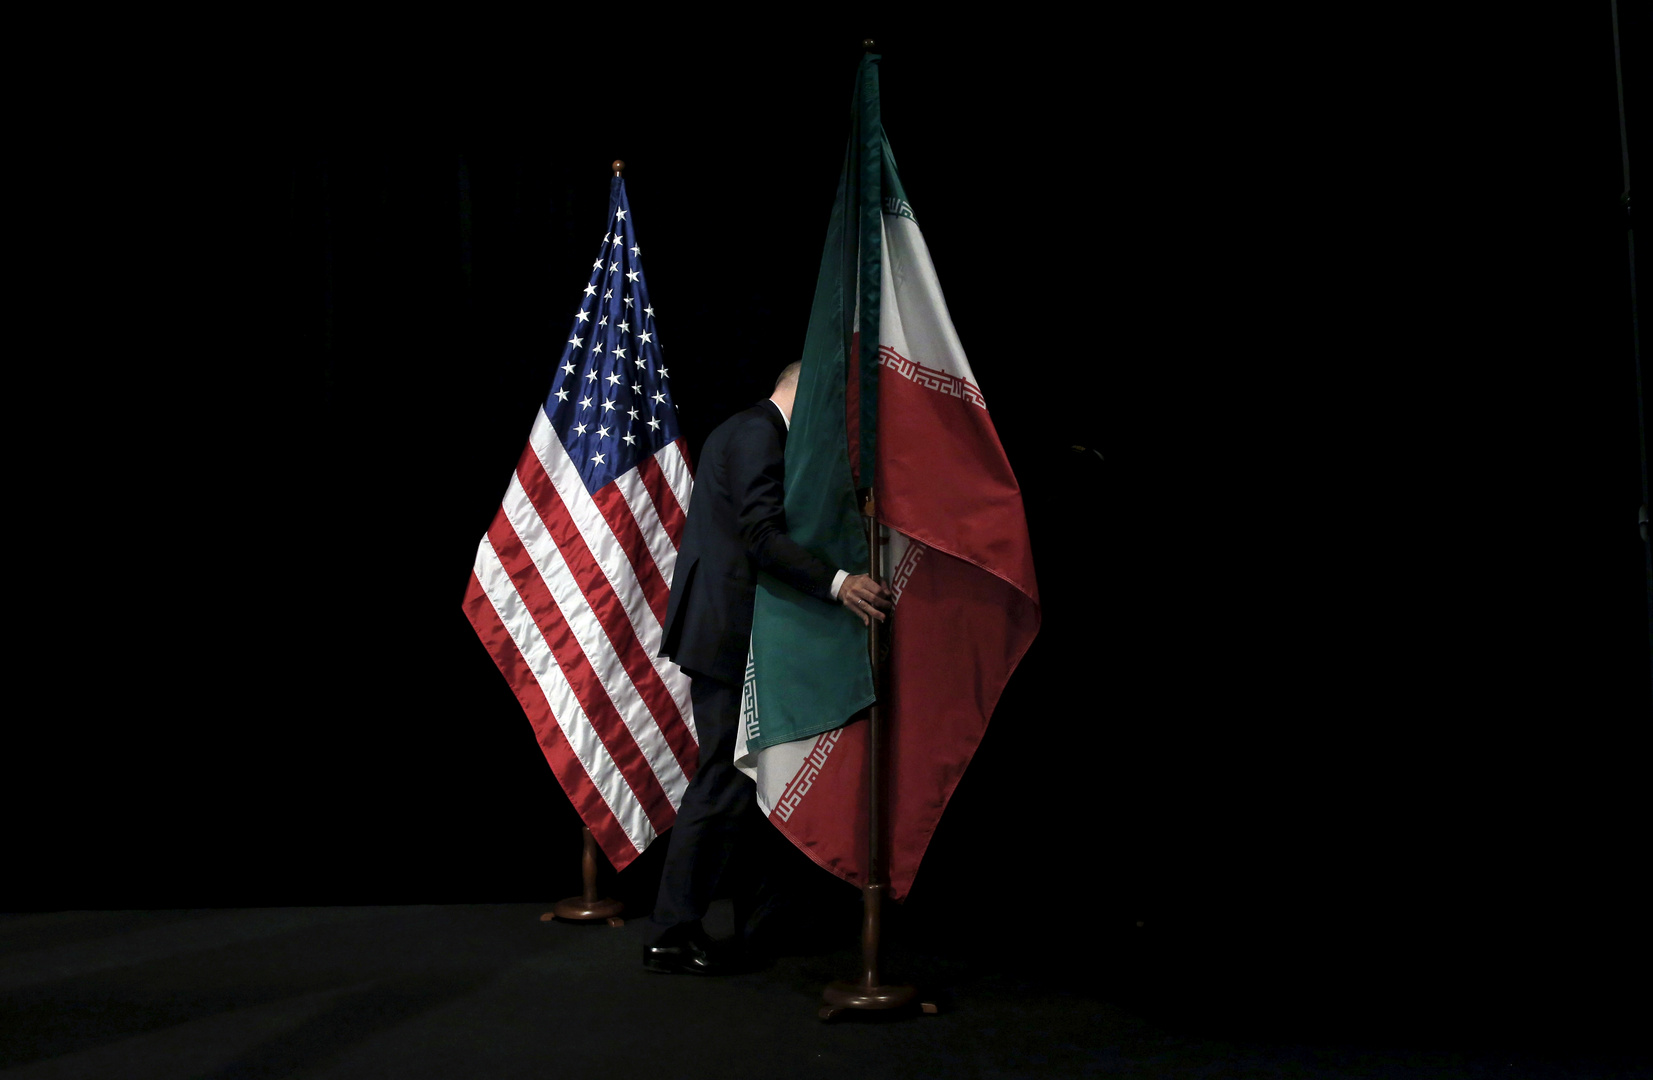 قطر: علينا انتظار الانتخابات الإيرانية ليتضح بعدها موقف طهران تجاه الاتفاق النووي